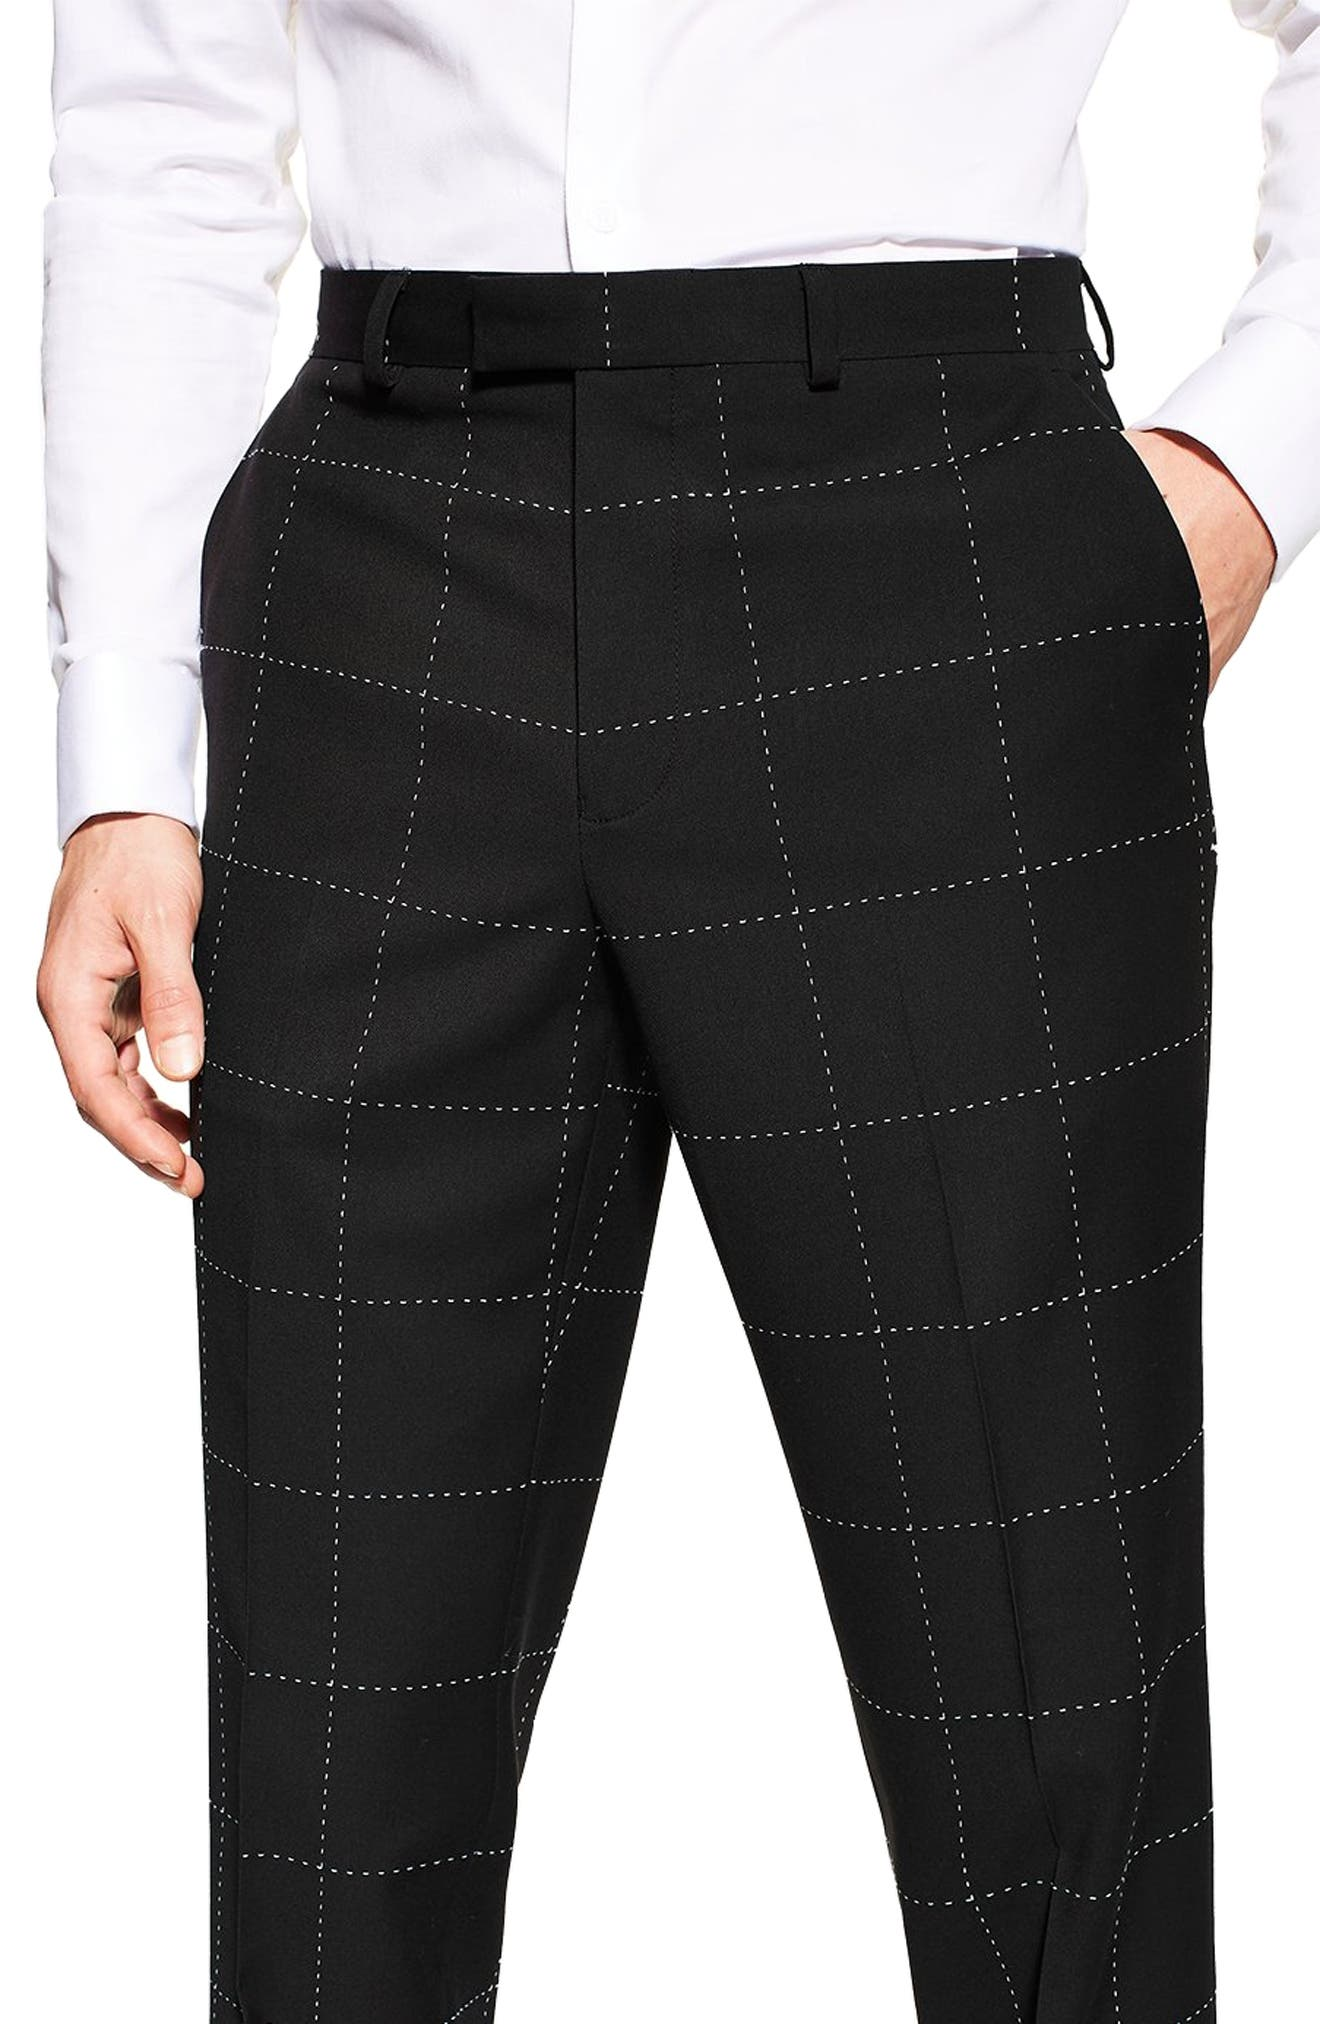 TOPMAN, Slim Fit Topstitched Suit Trousers, Alternate thumbnail 3, color, BLACK MULTI